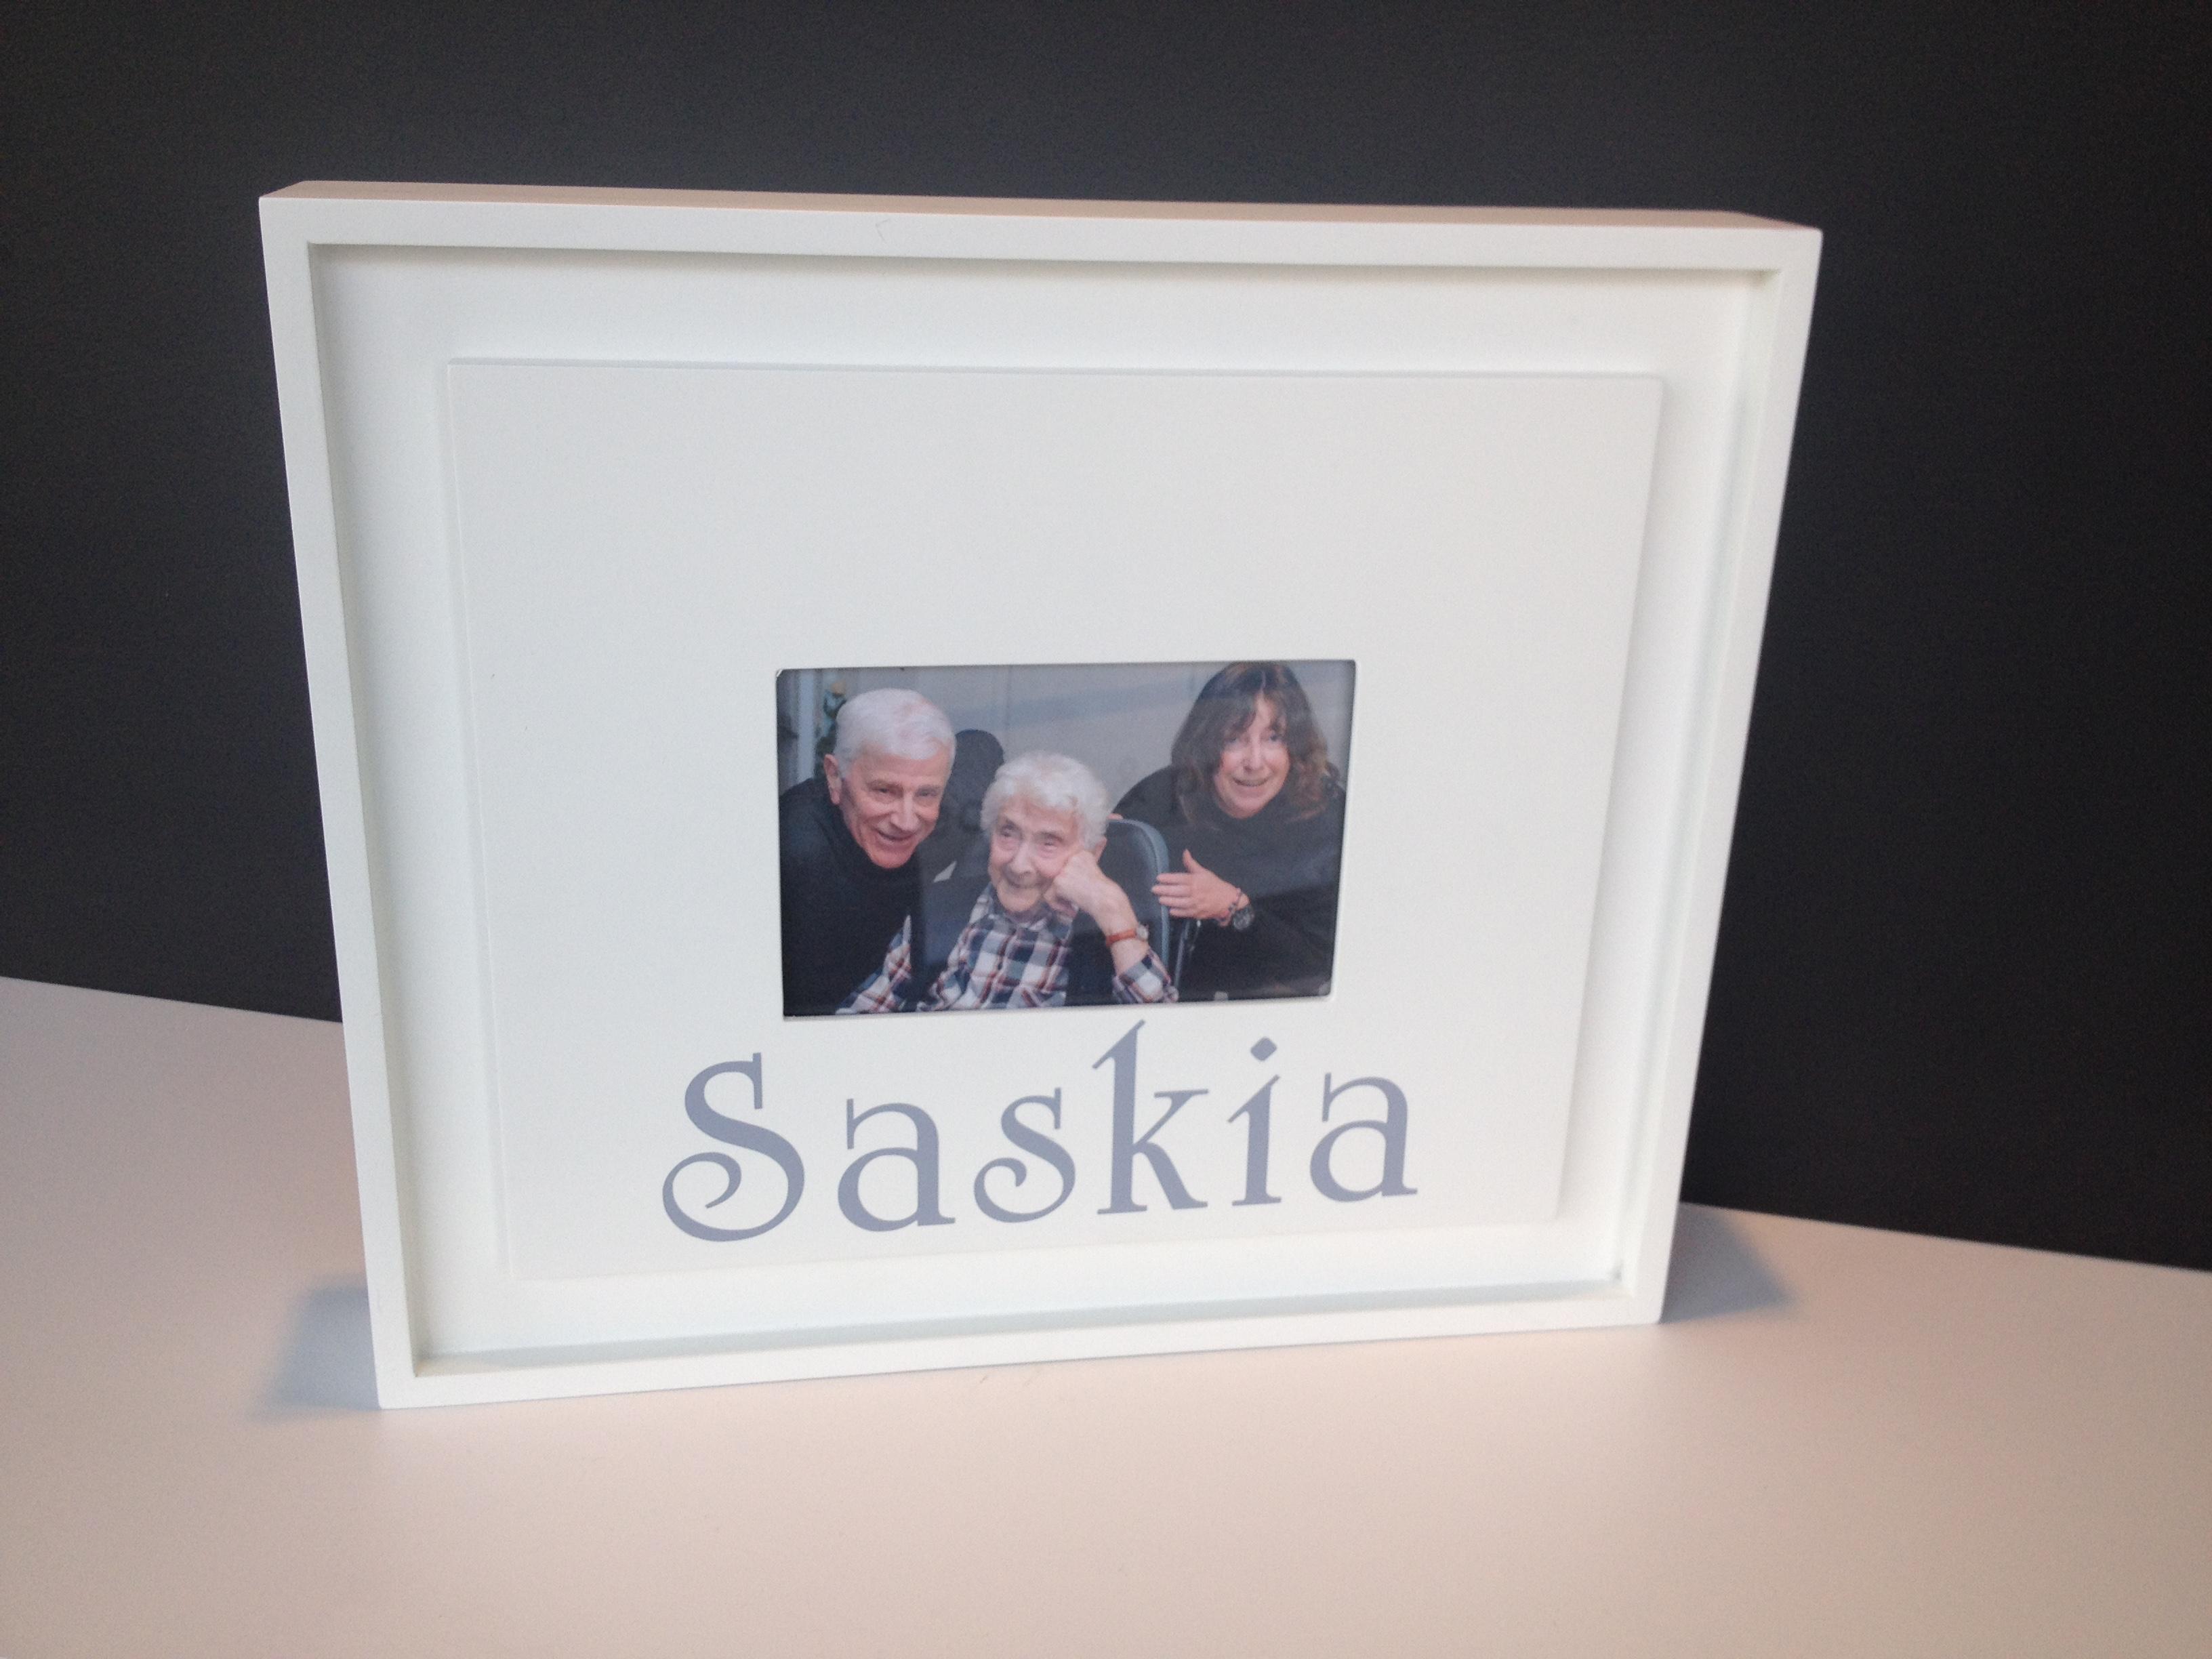 Saskia_03